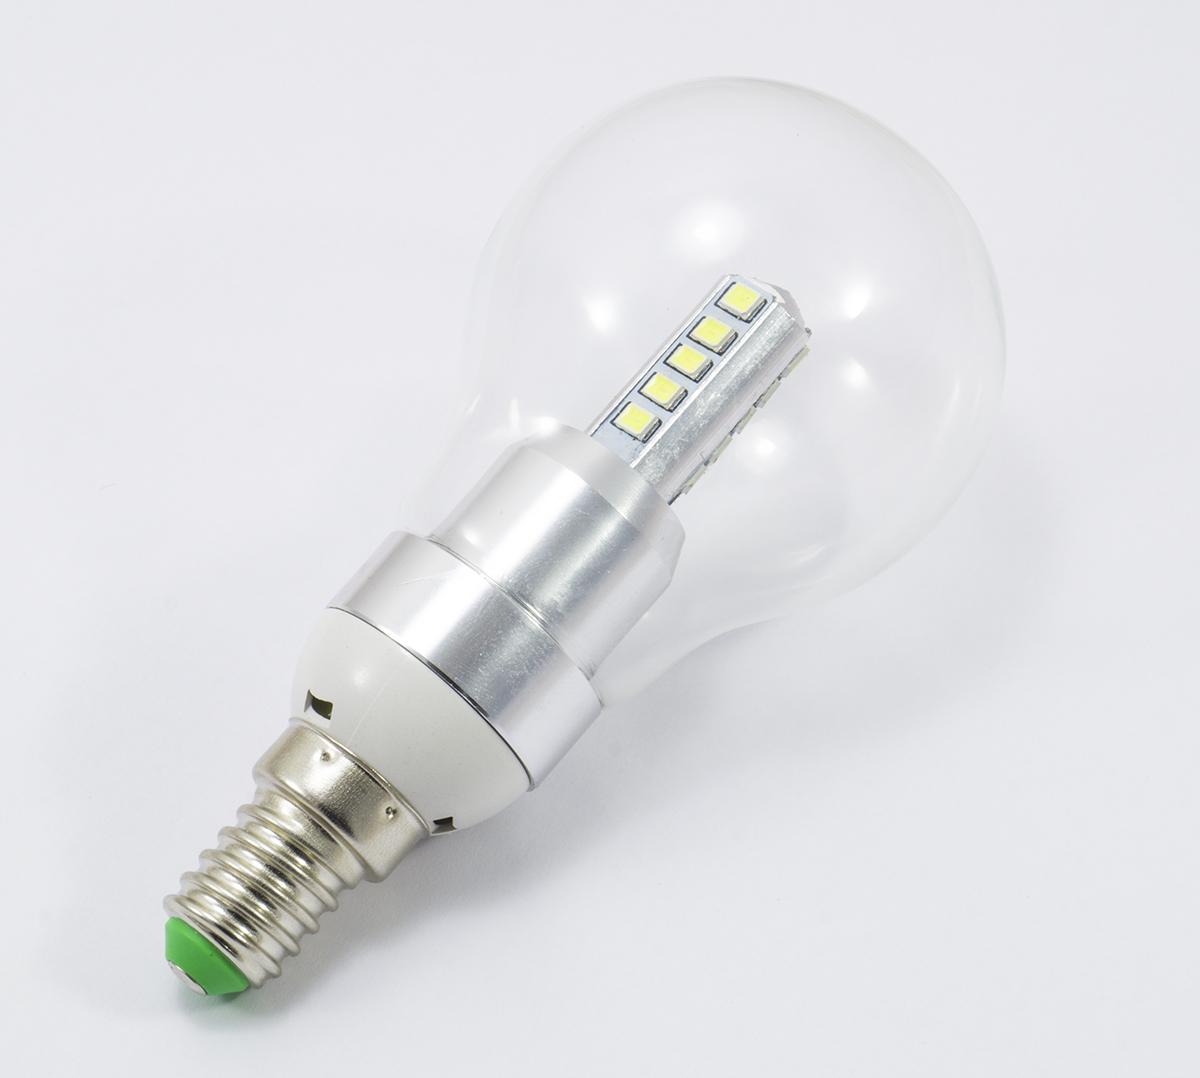 Lampadina lampada led 20 led smd2835 4w watt e14 e27 tonda for Lampada led lunga